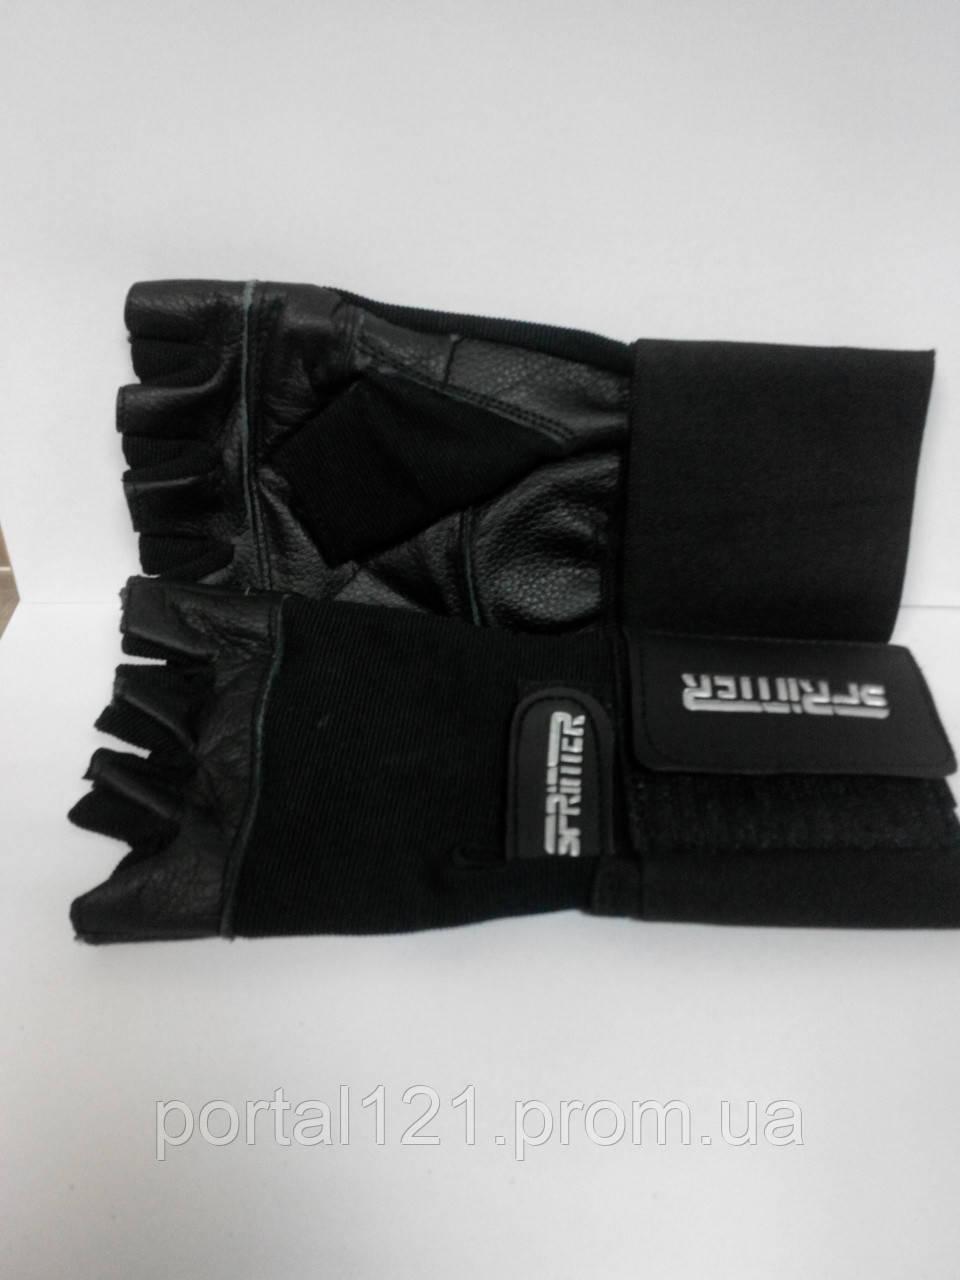 Перчатки мужские атлетические с широким напульсником